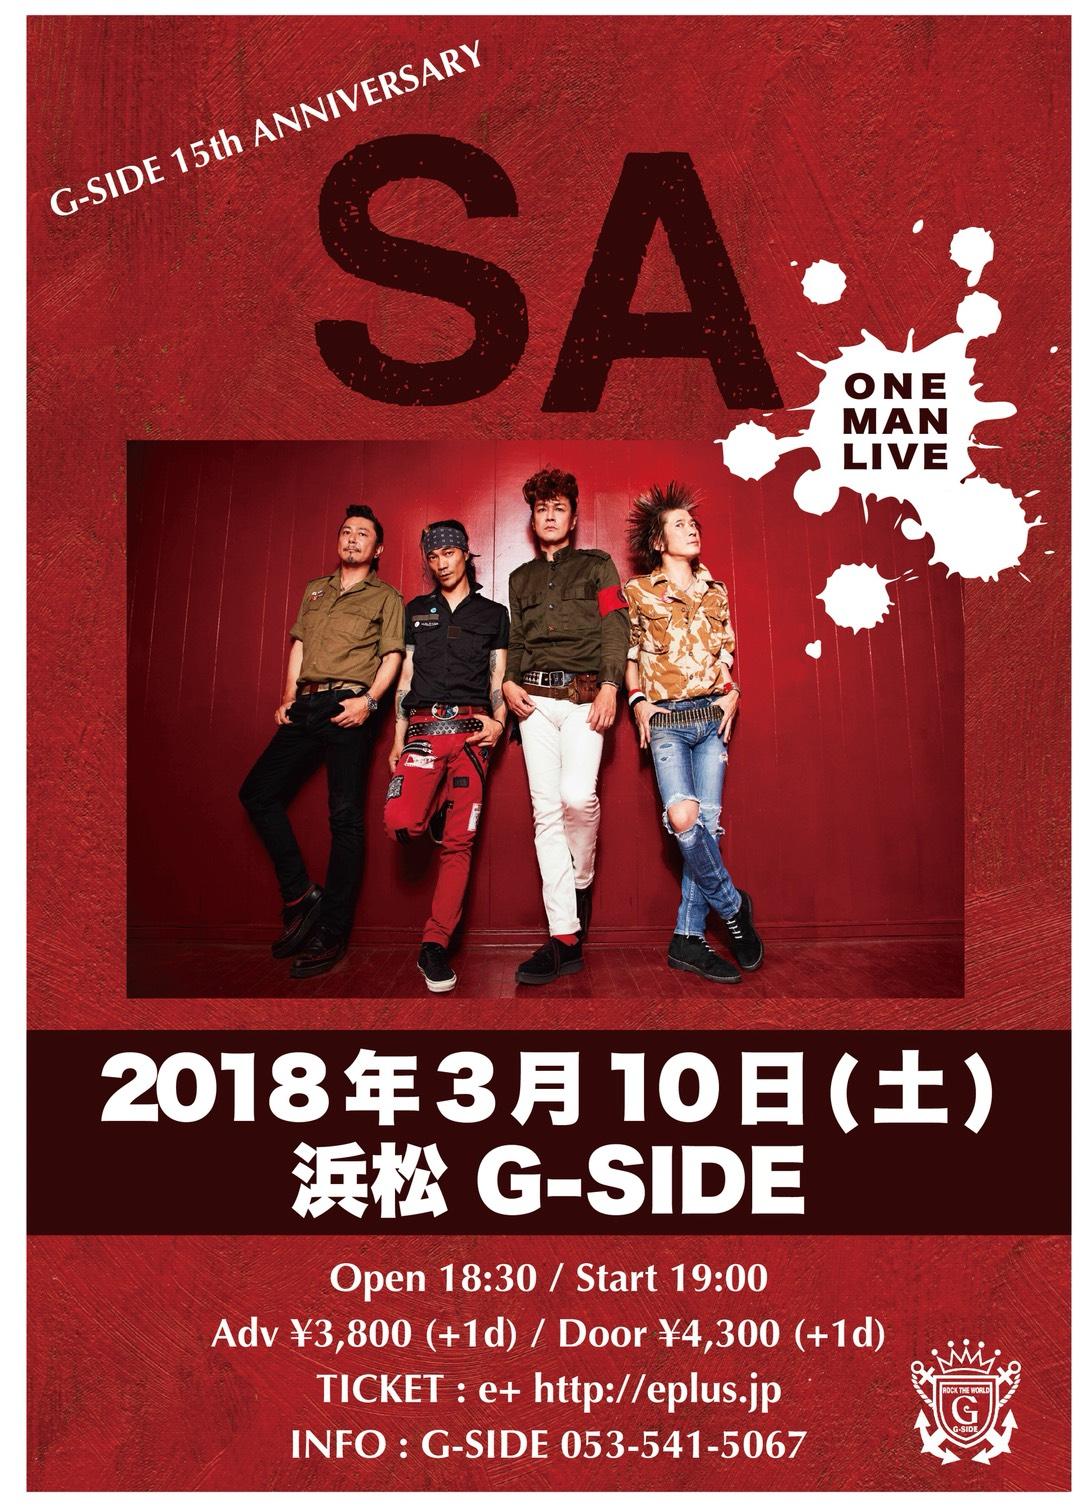 3月10日土曜日 SA one-man live